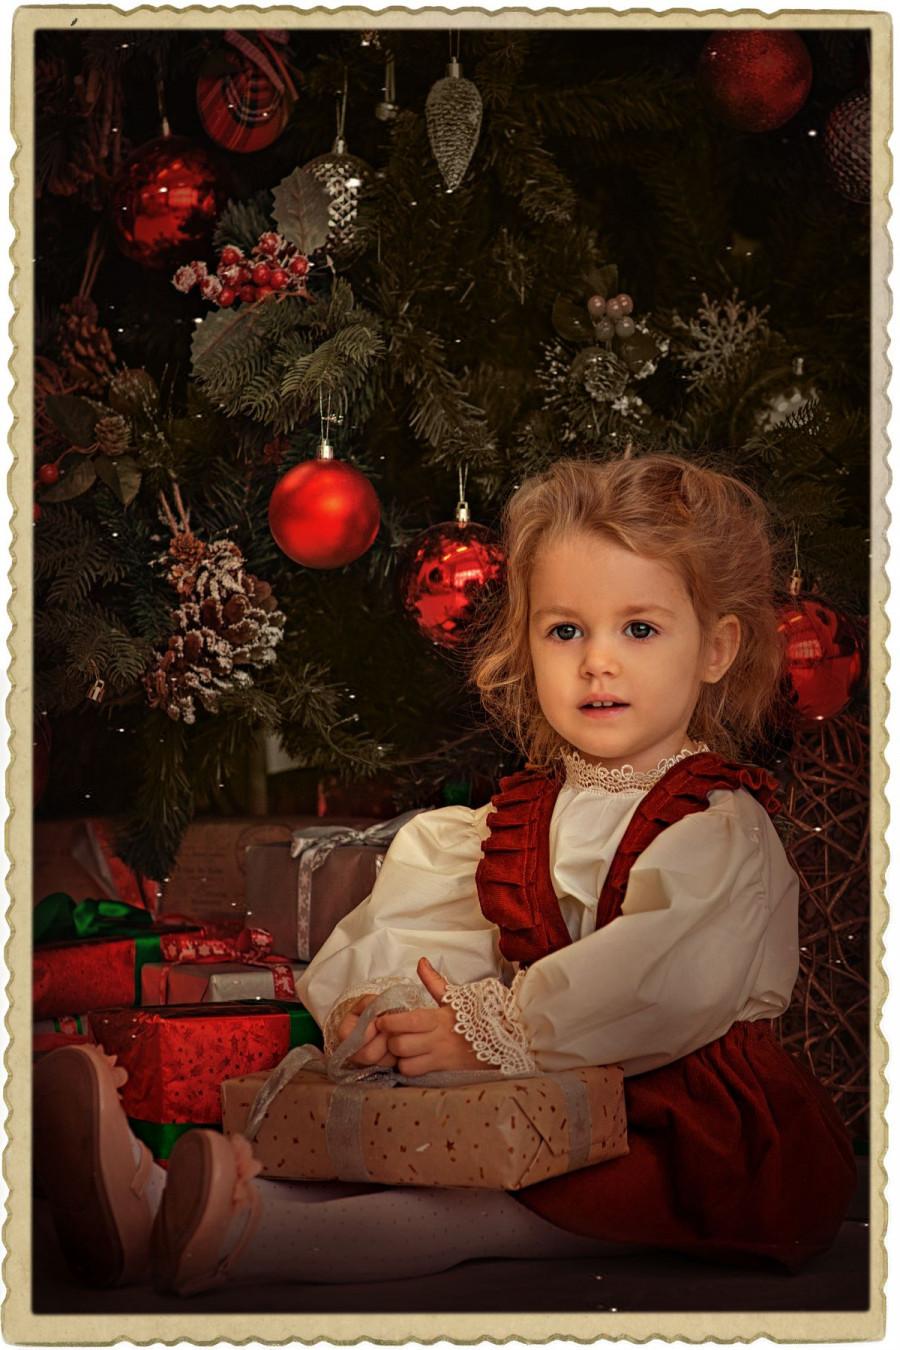 Оливия Ильющенко, 2 года, дочь Натальи Ильющенко (бутик Leʾ81, Patrizia Pepe).